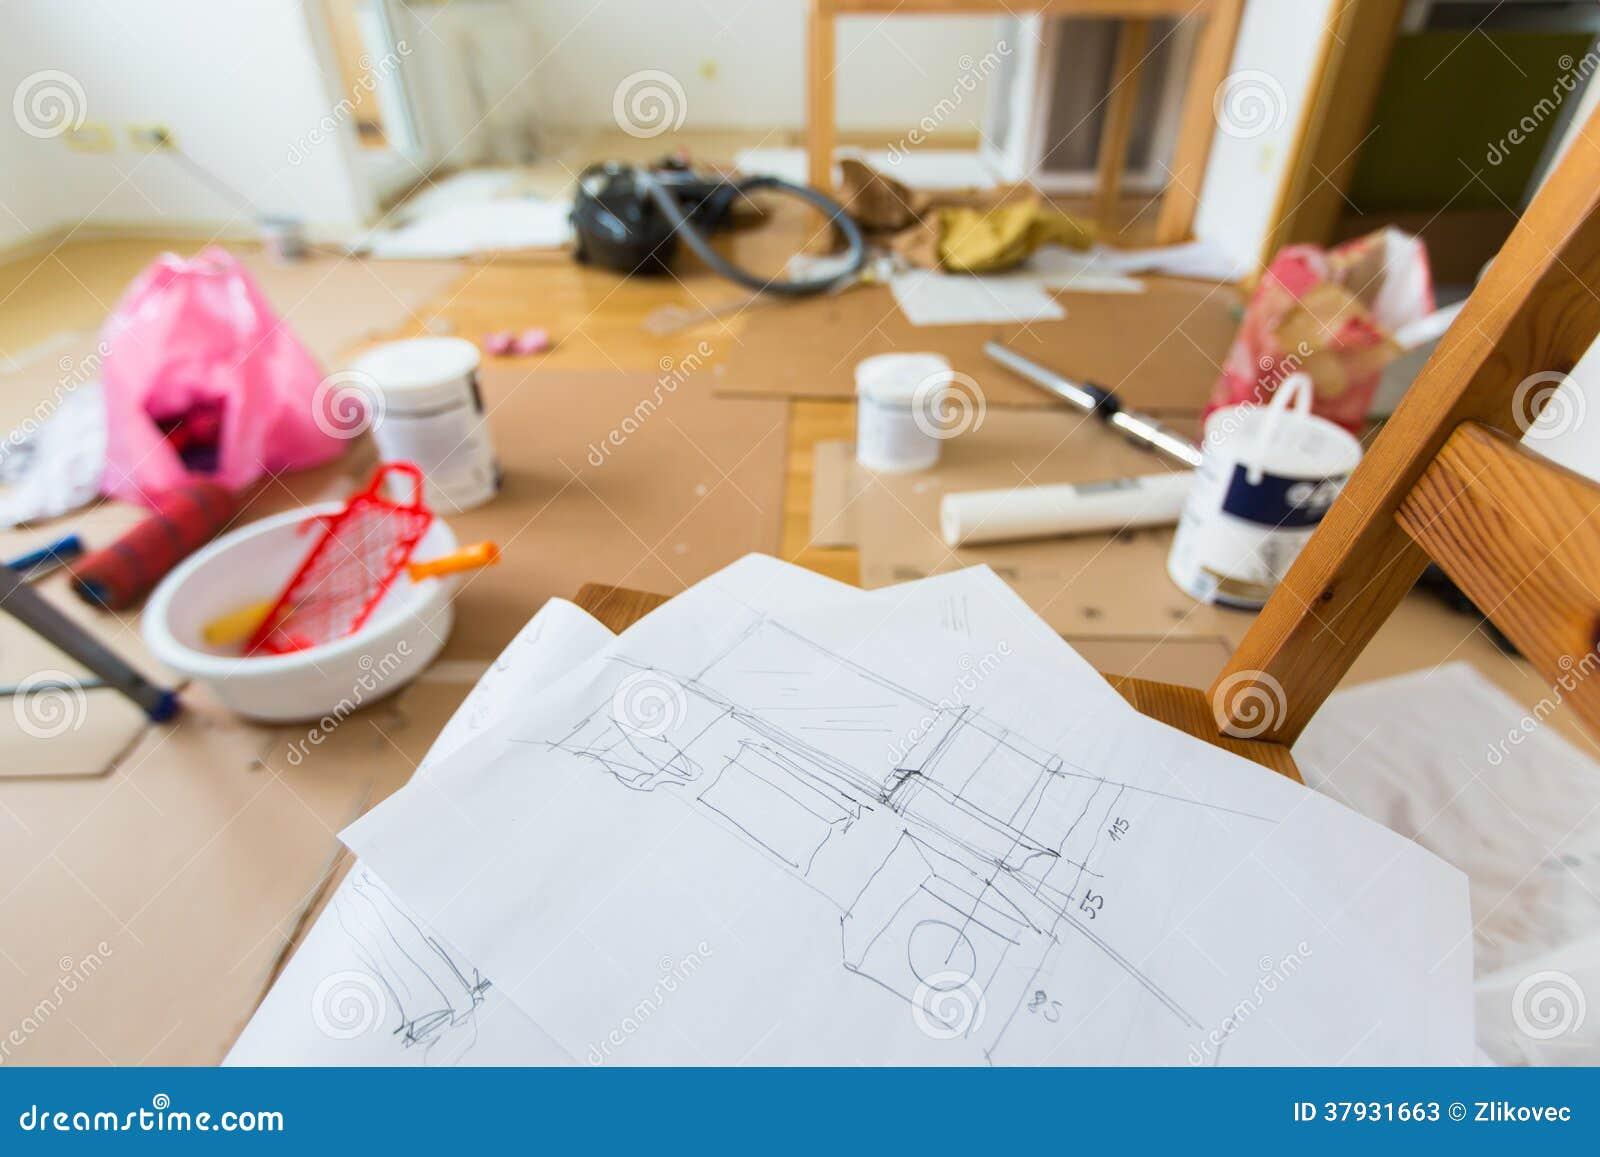 家庭整修图画